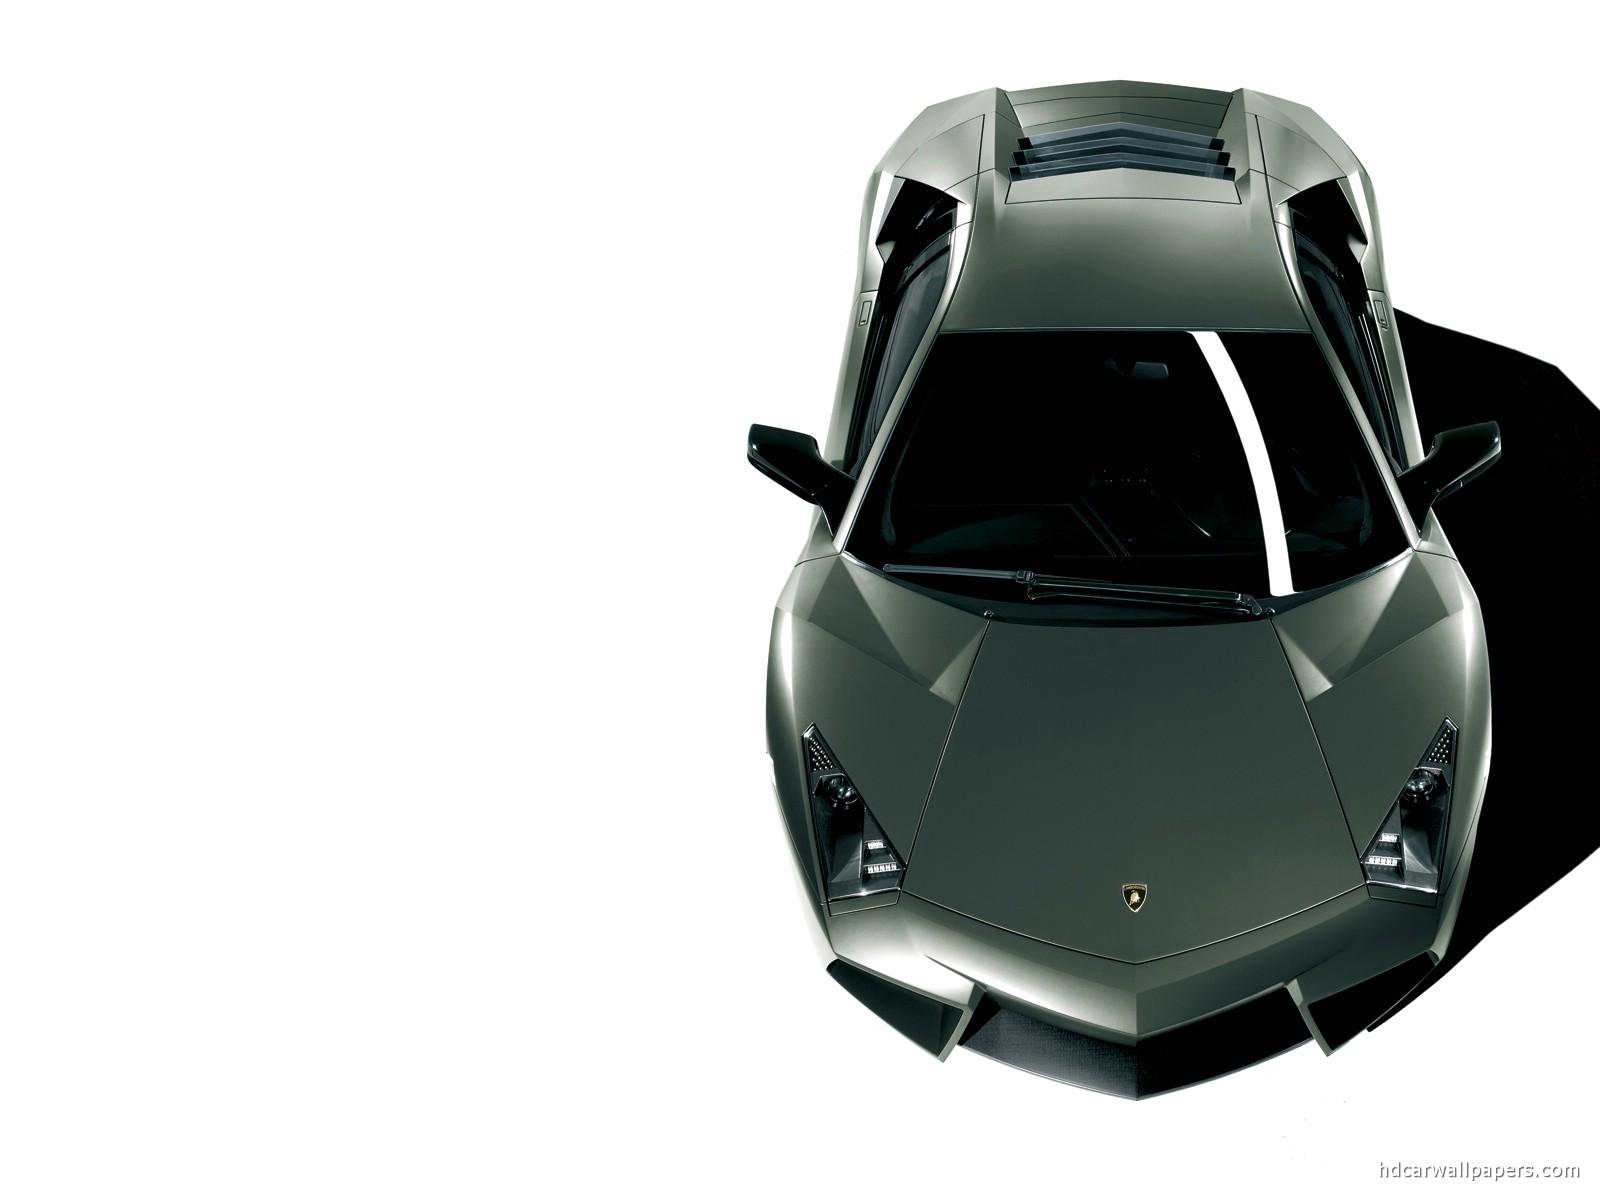 Lamborghini Car Wallpaper Hd Download Lamborghini Reventon Wallpaper Hd Car Wallpapers Id 894